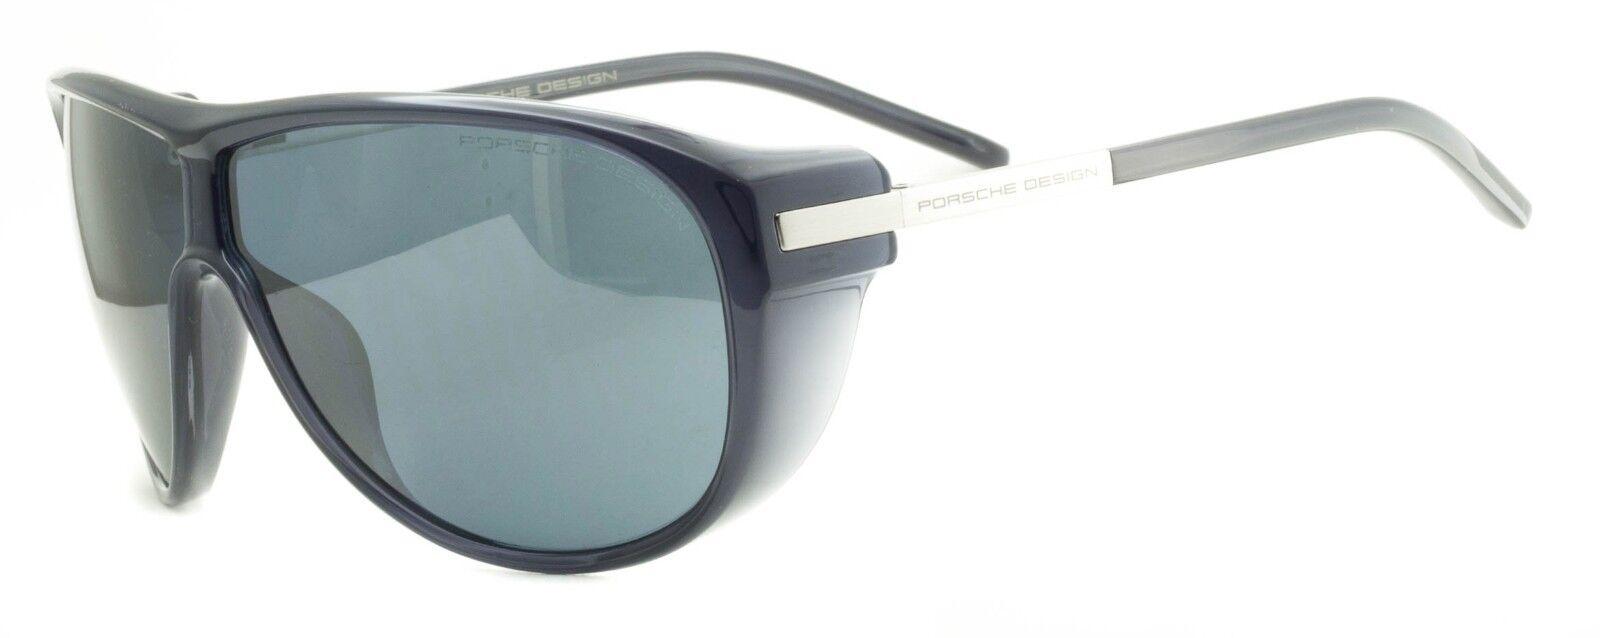 28e511d20743 Porsche Design Oversized Shield Sunglasses UV Protection Mirrored ...